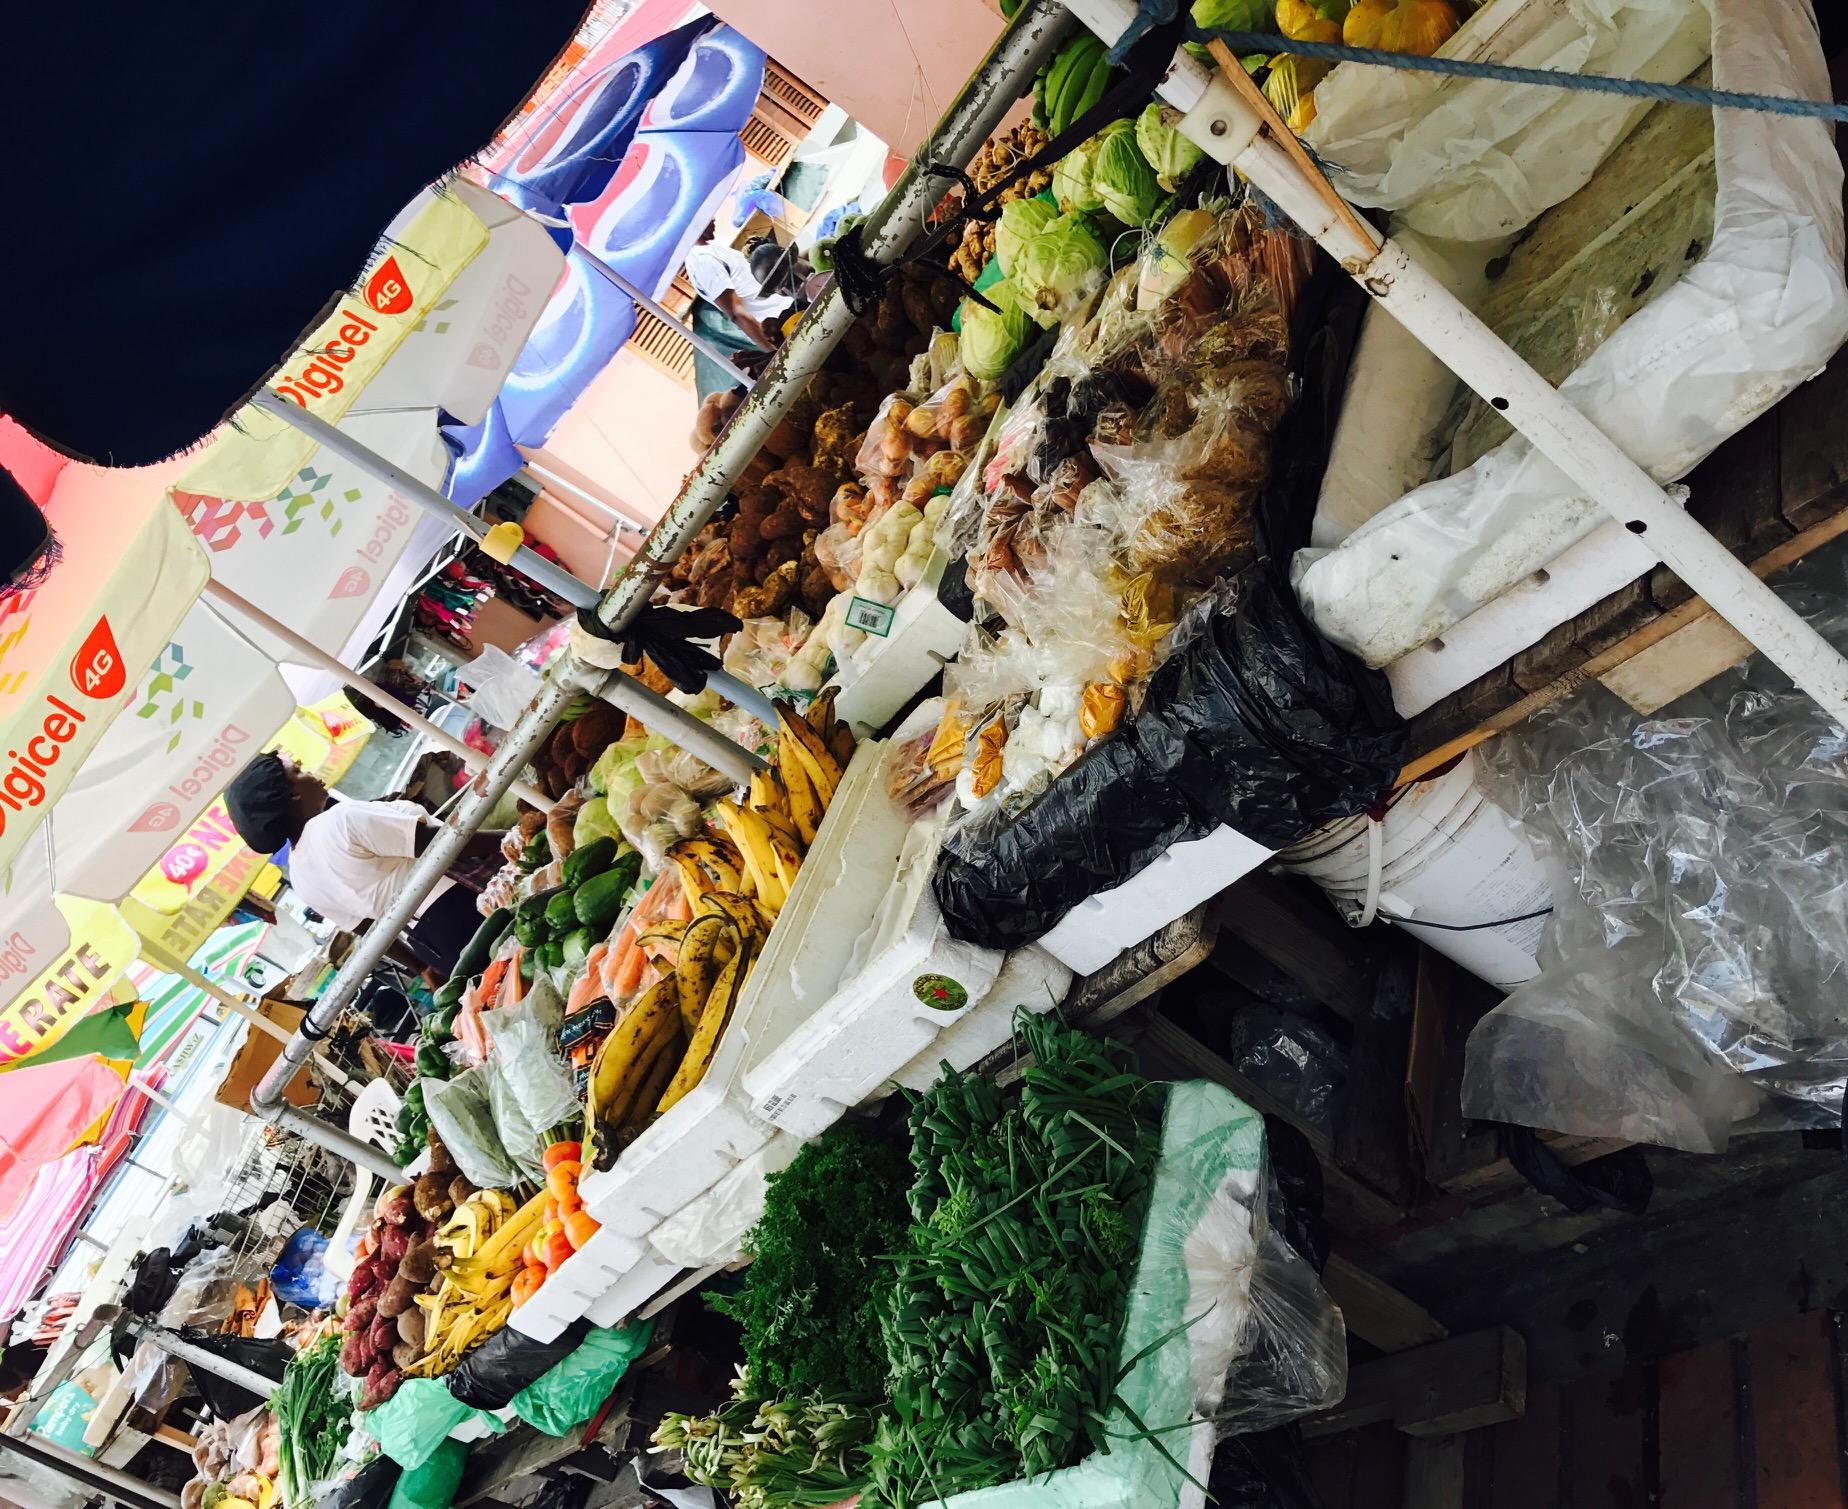 Markt in St. George's, Grenada